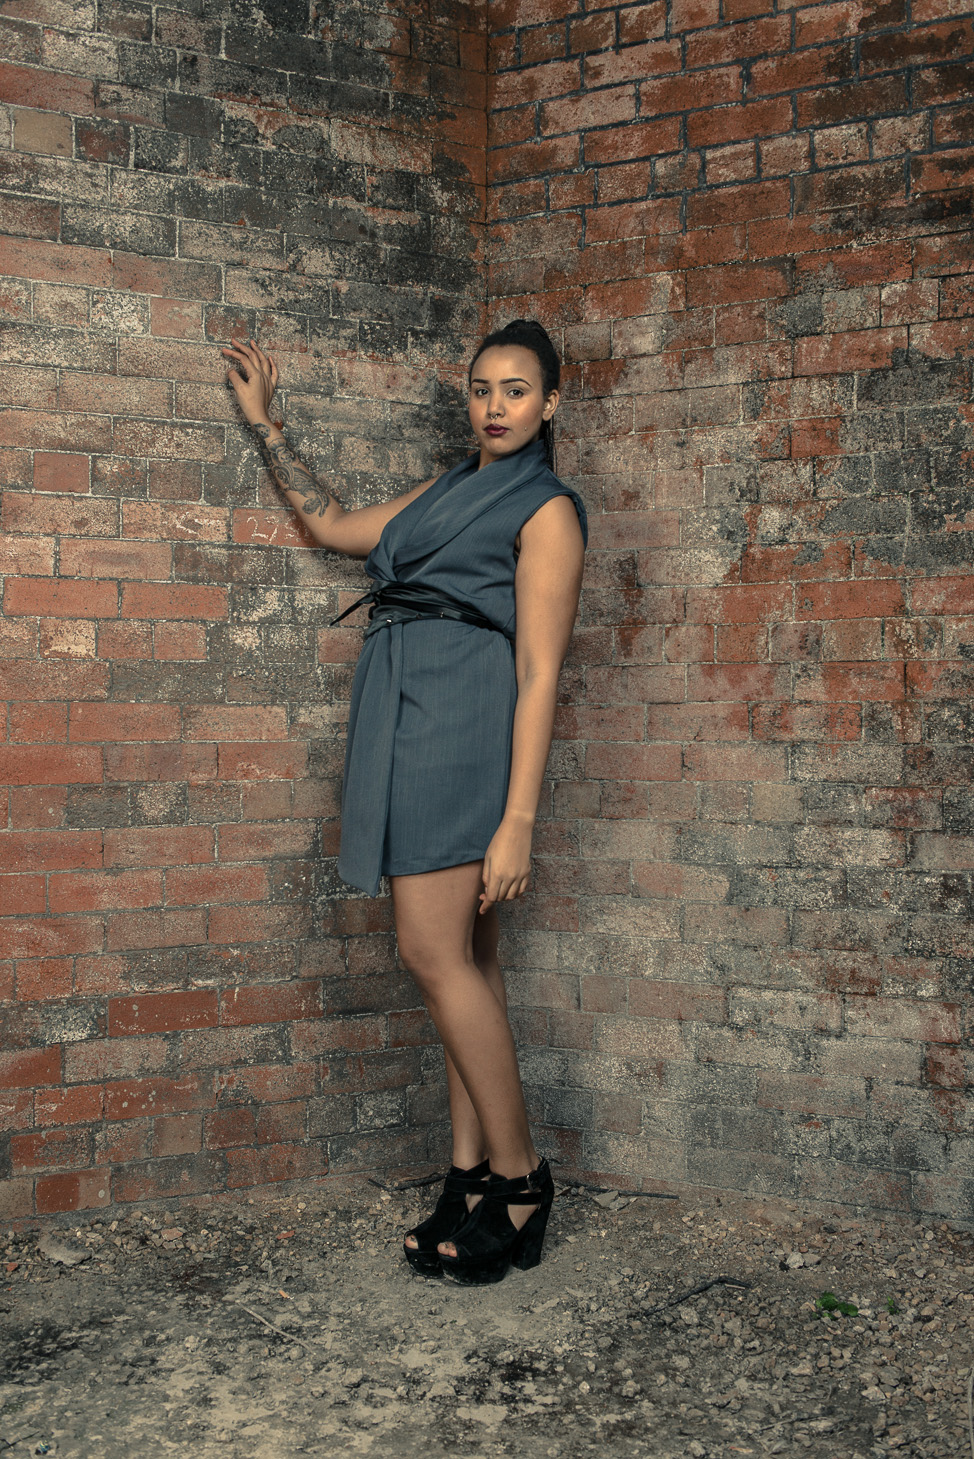 zaramia-ava-zaramiaava-leeds-fashion-designer-ethical-sustainable-tailored-minimalist-dress-jacket-versatile-drape-grey-bodysuit-black-obi-belt-wrap-cowl-styling-womenswear-models-photoshoot-25